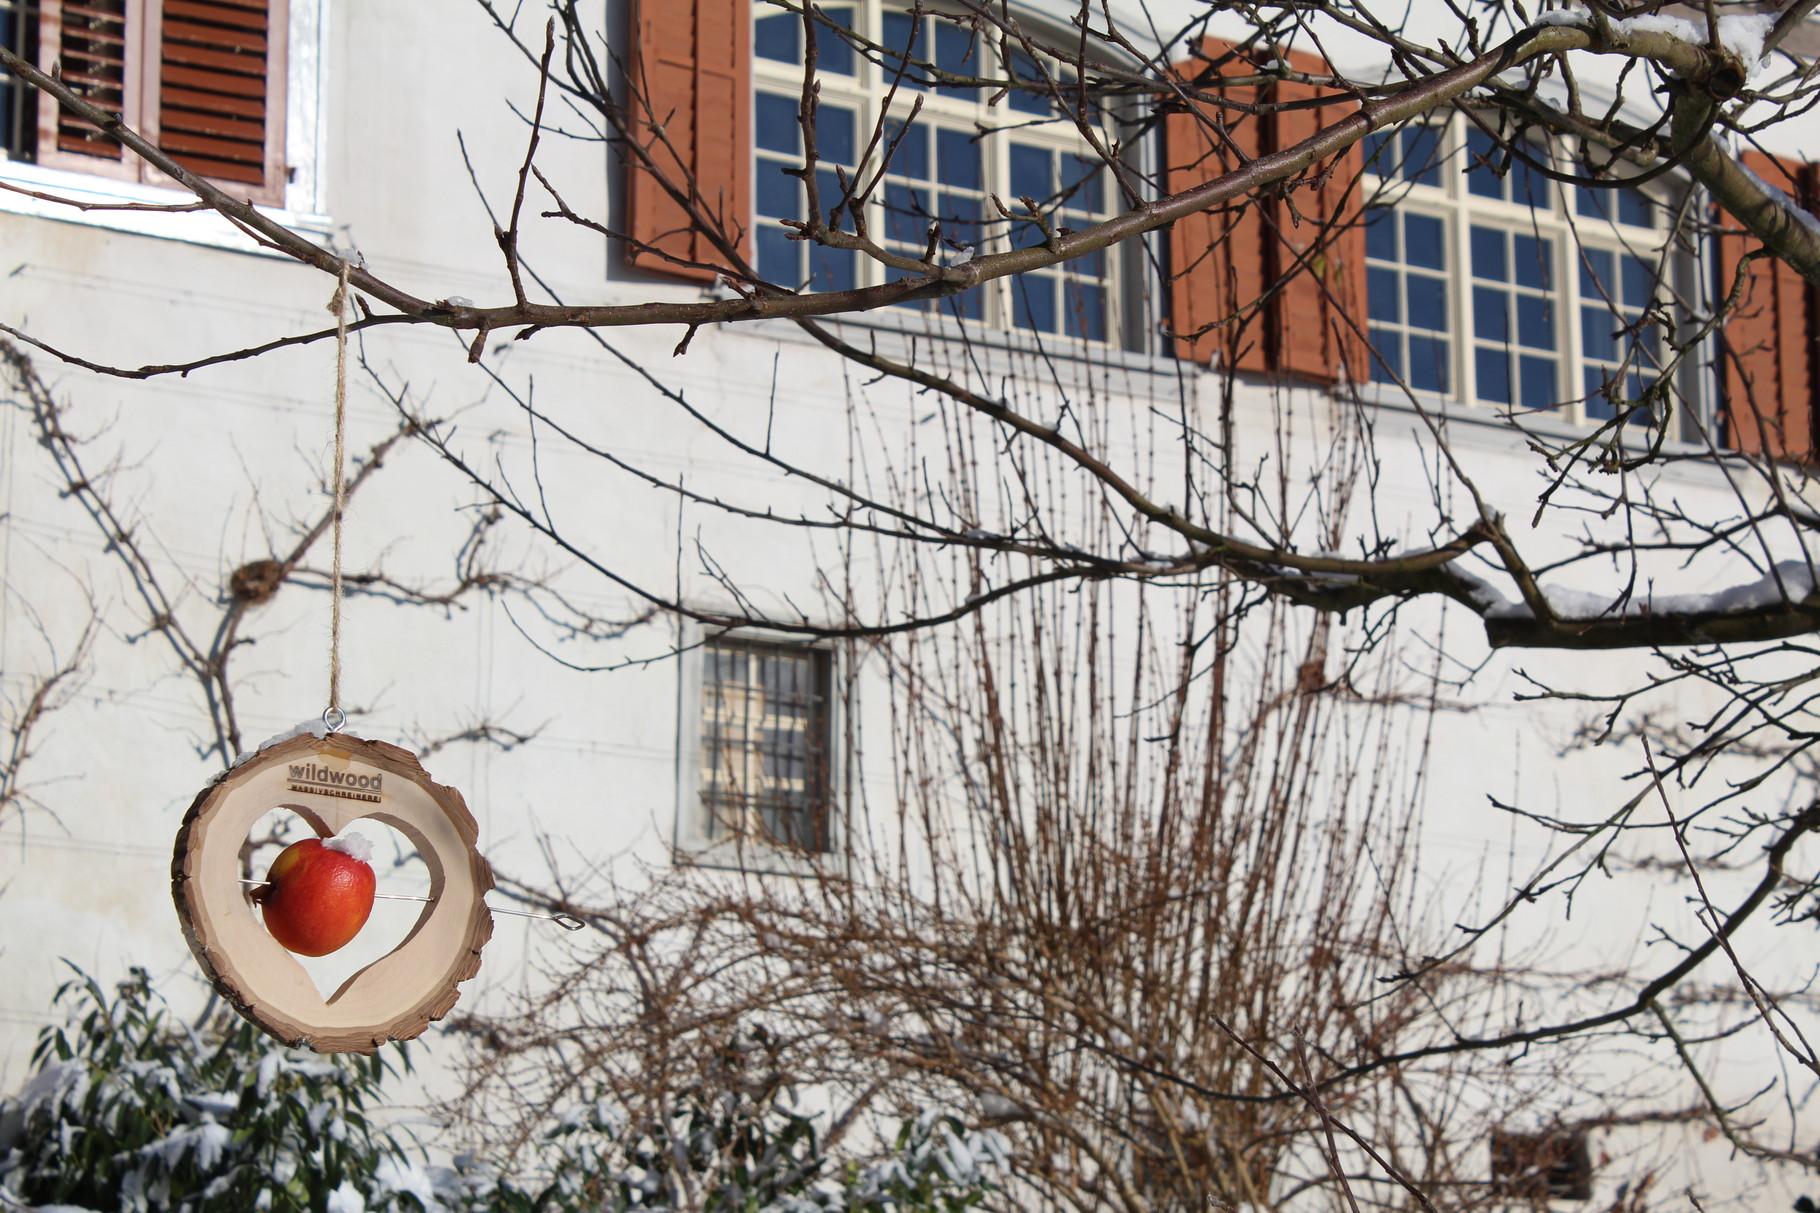 Ein Apfel hängt für die Vögel am Apfelbaum im Winter